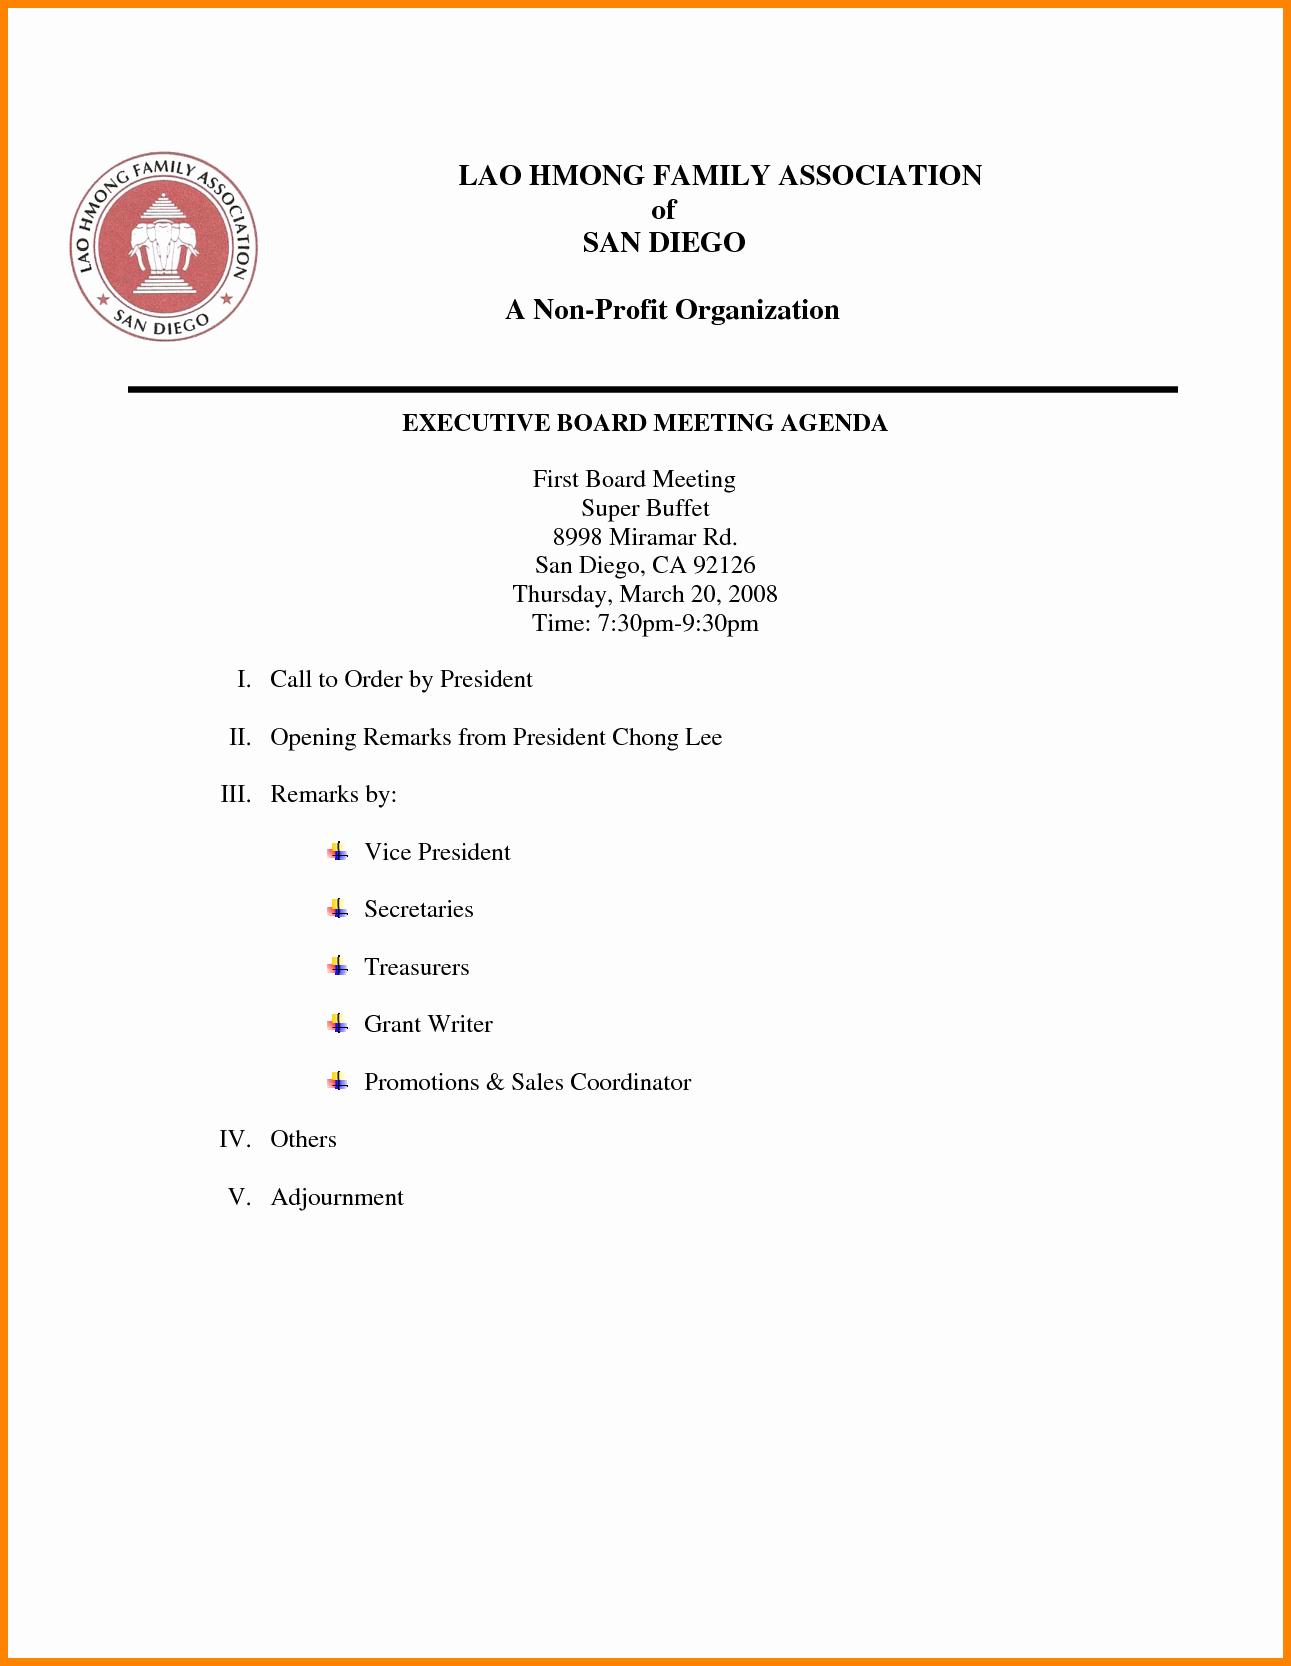 Board Meeting Agenda Template Luxury 24 Of Non Profit Board Agenda Template